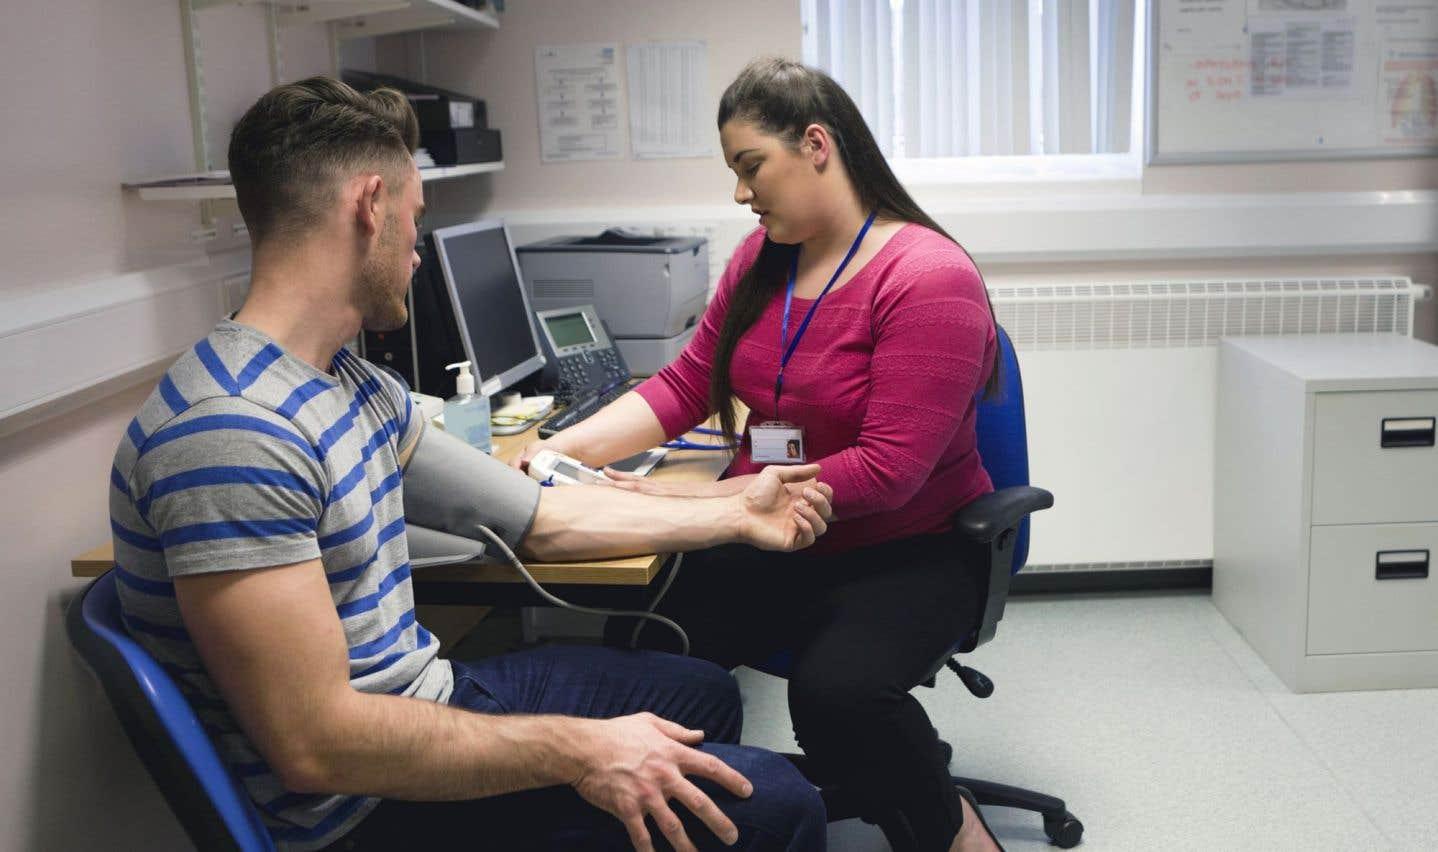 Des femmes médecins victimes de discrimination à l'embauche